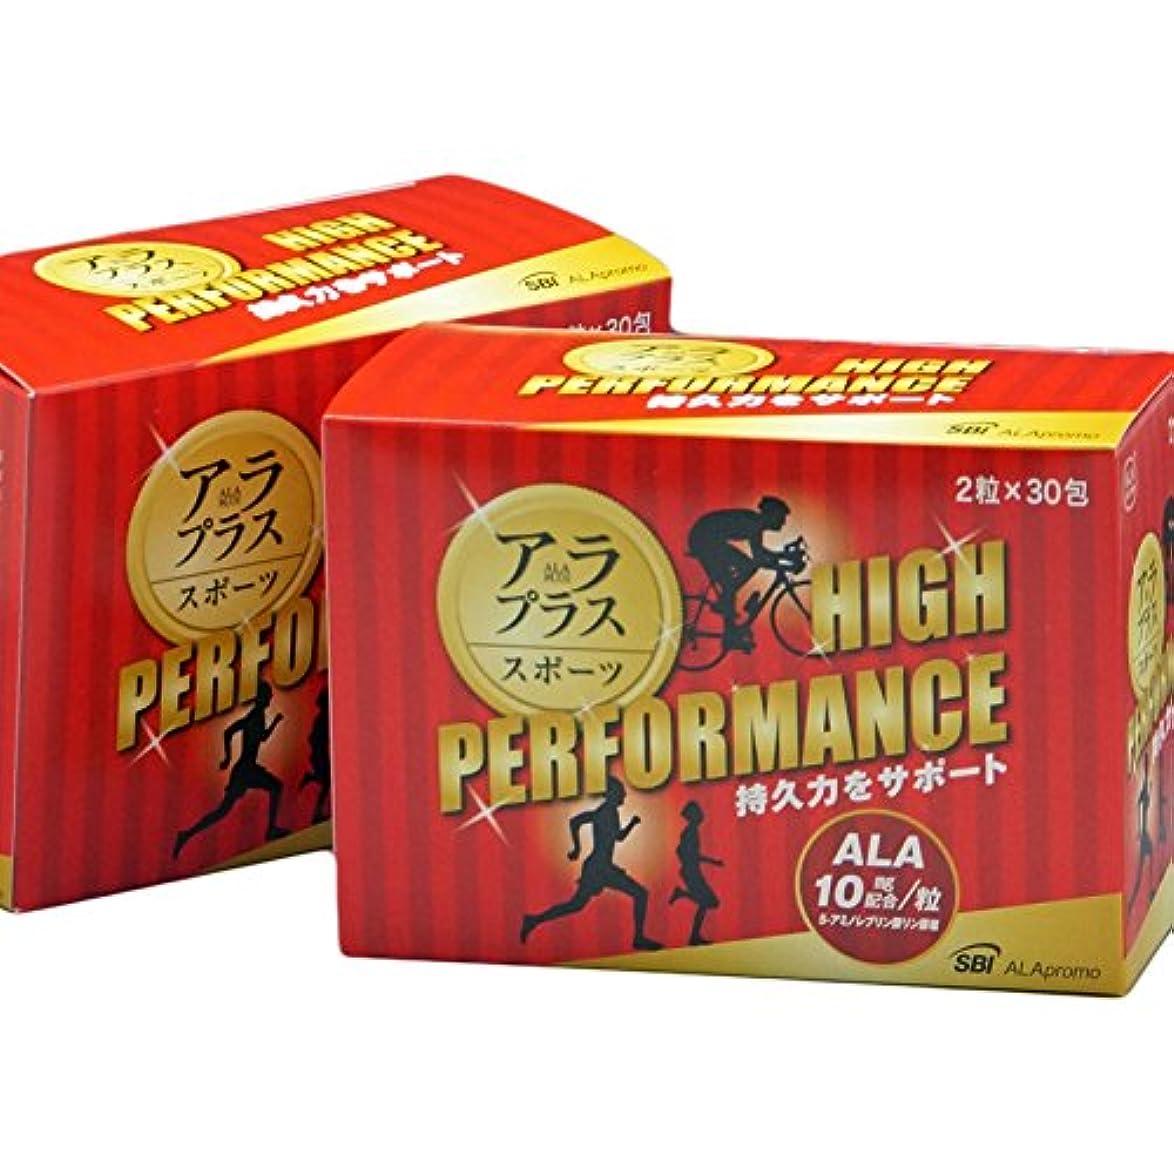 スピーカーハチイディオムアラプラス スポーツ ハイパフォーマンス (2粒×30包)×2箱セット